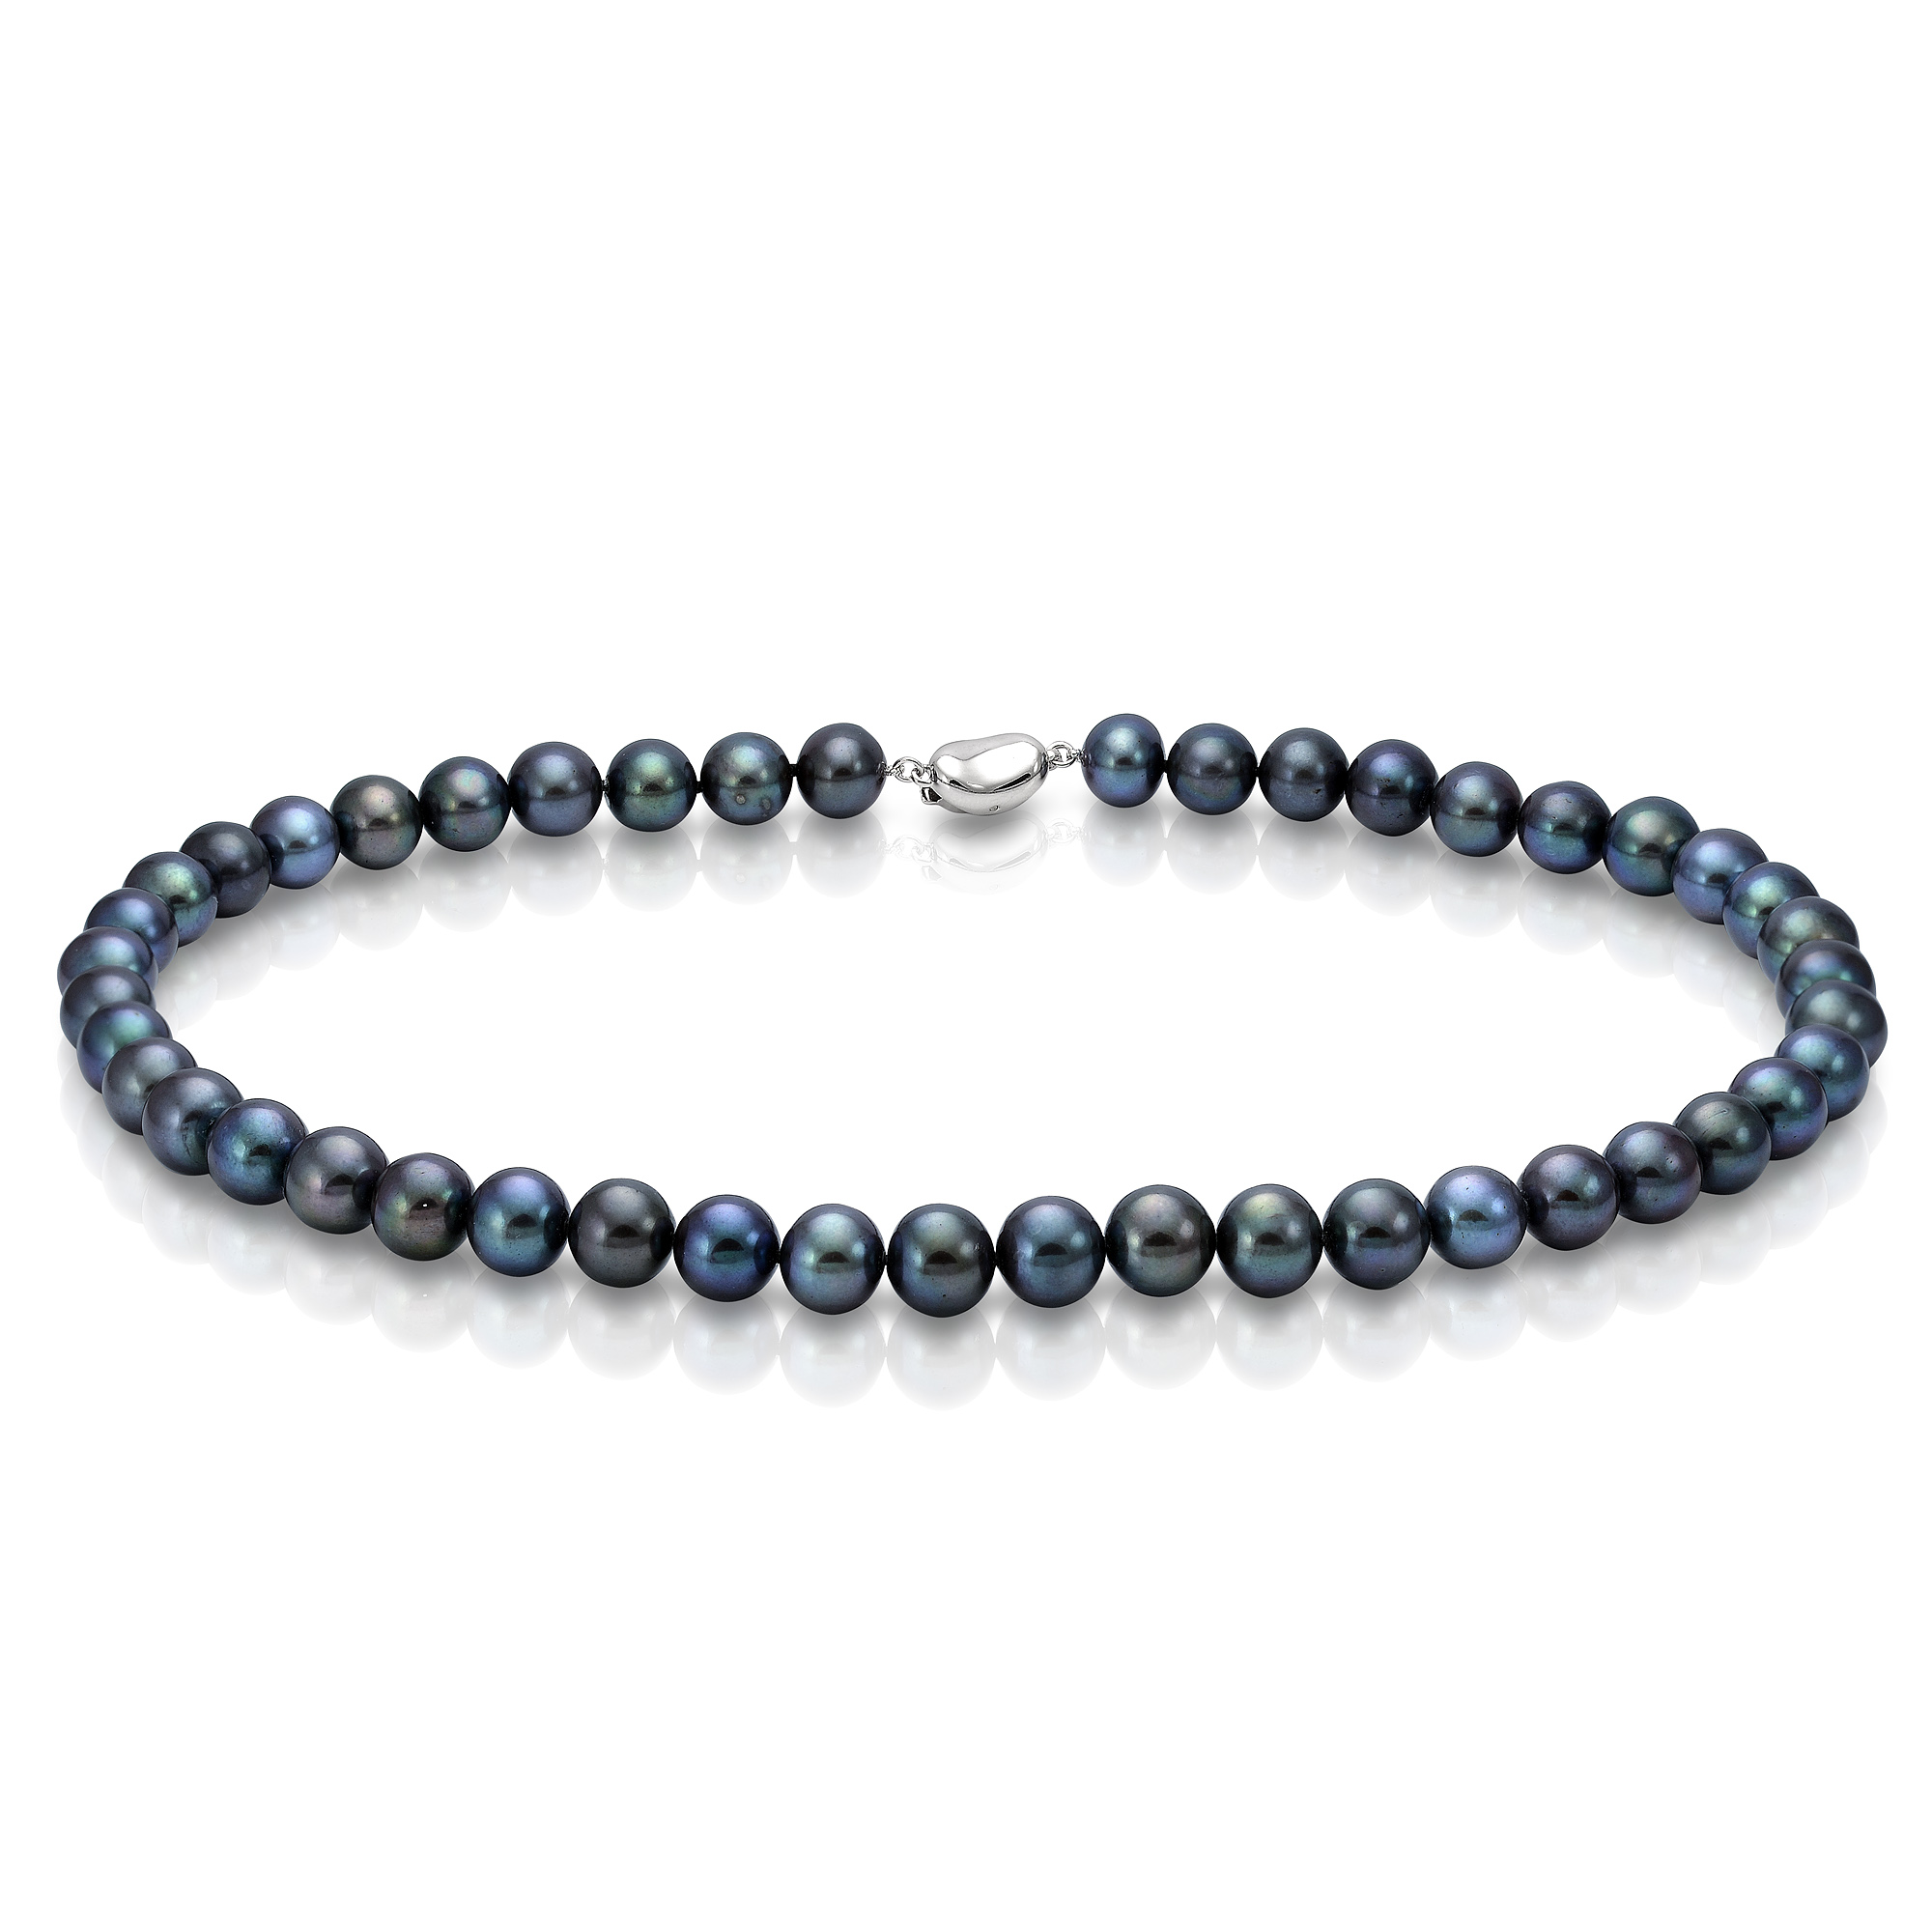 Ожерелье из черного морского жемчуга (Южный Китай). Жемчужины 7,5-8 мм